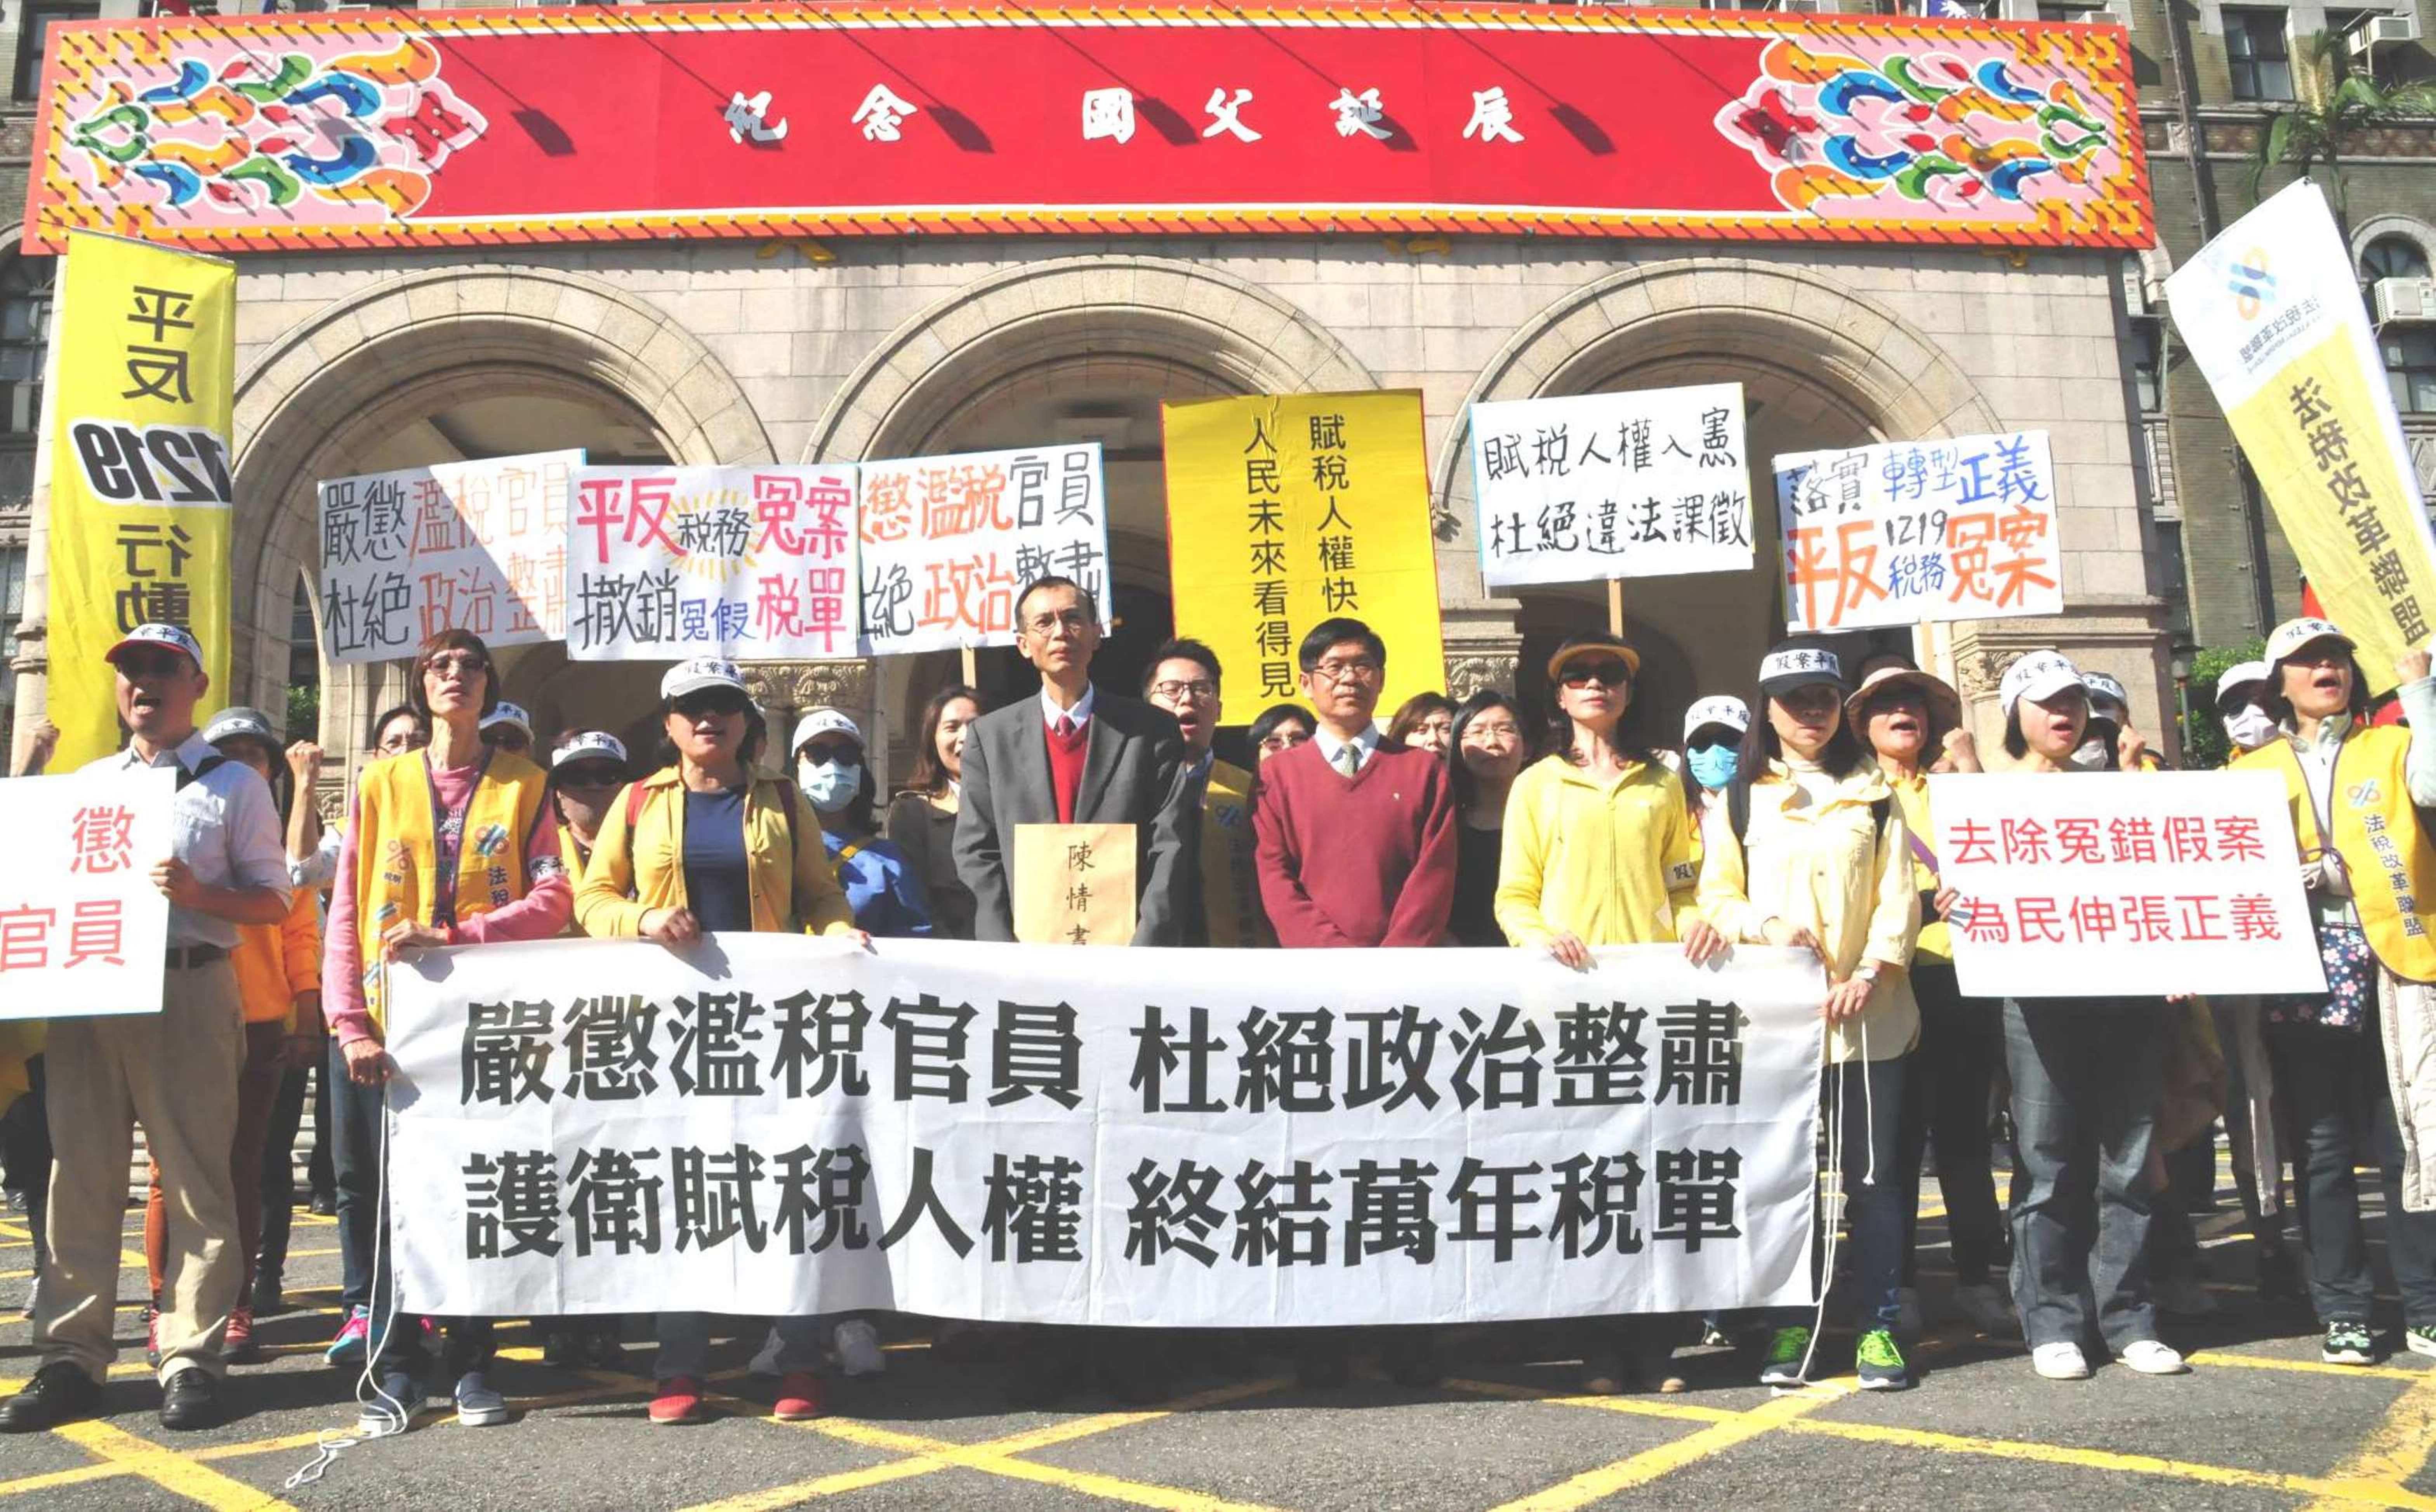 20181230臺灣新生報-呼應人權宣言70年,良心覺醒護衛人權〈七〉 – 太極門事件紀錄簿